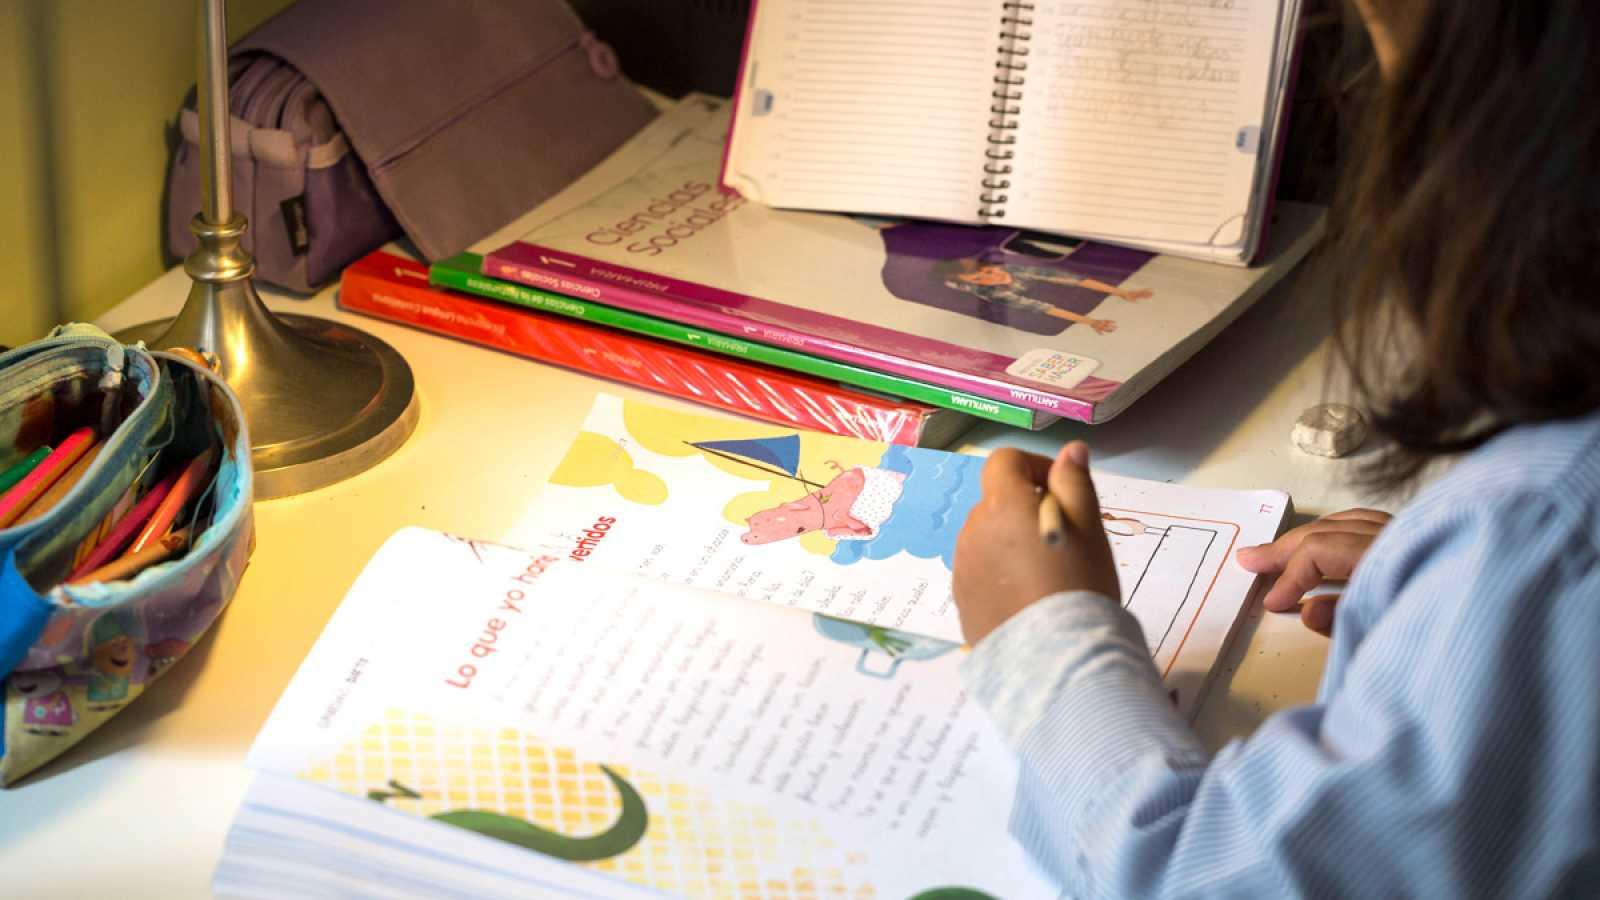 Los expertos creen que los libros de texto deben ayudar a visualizar ...